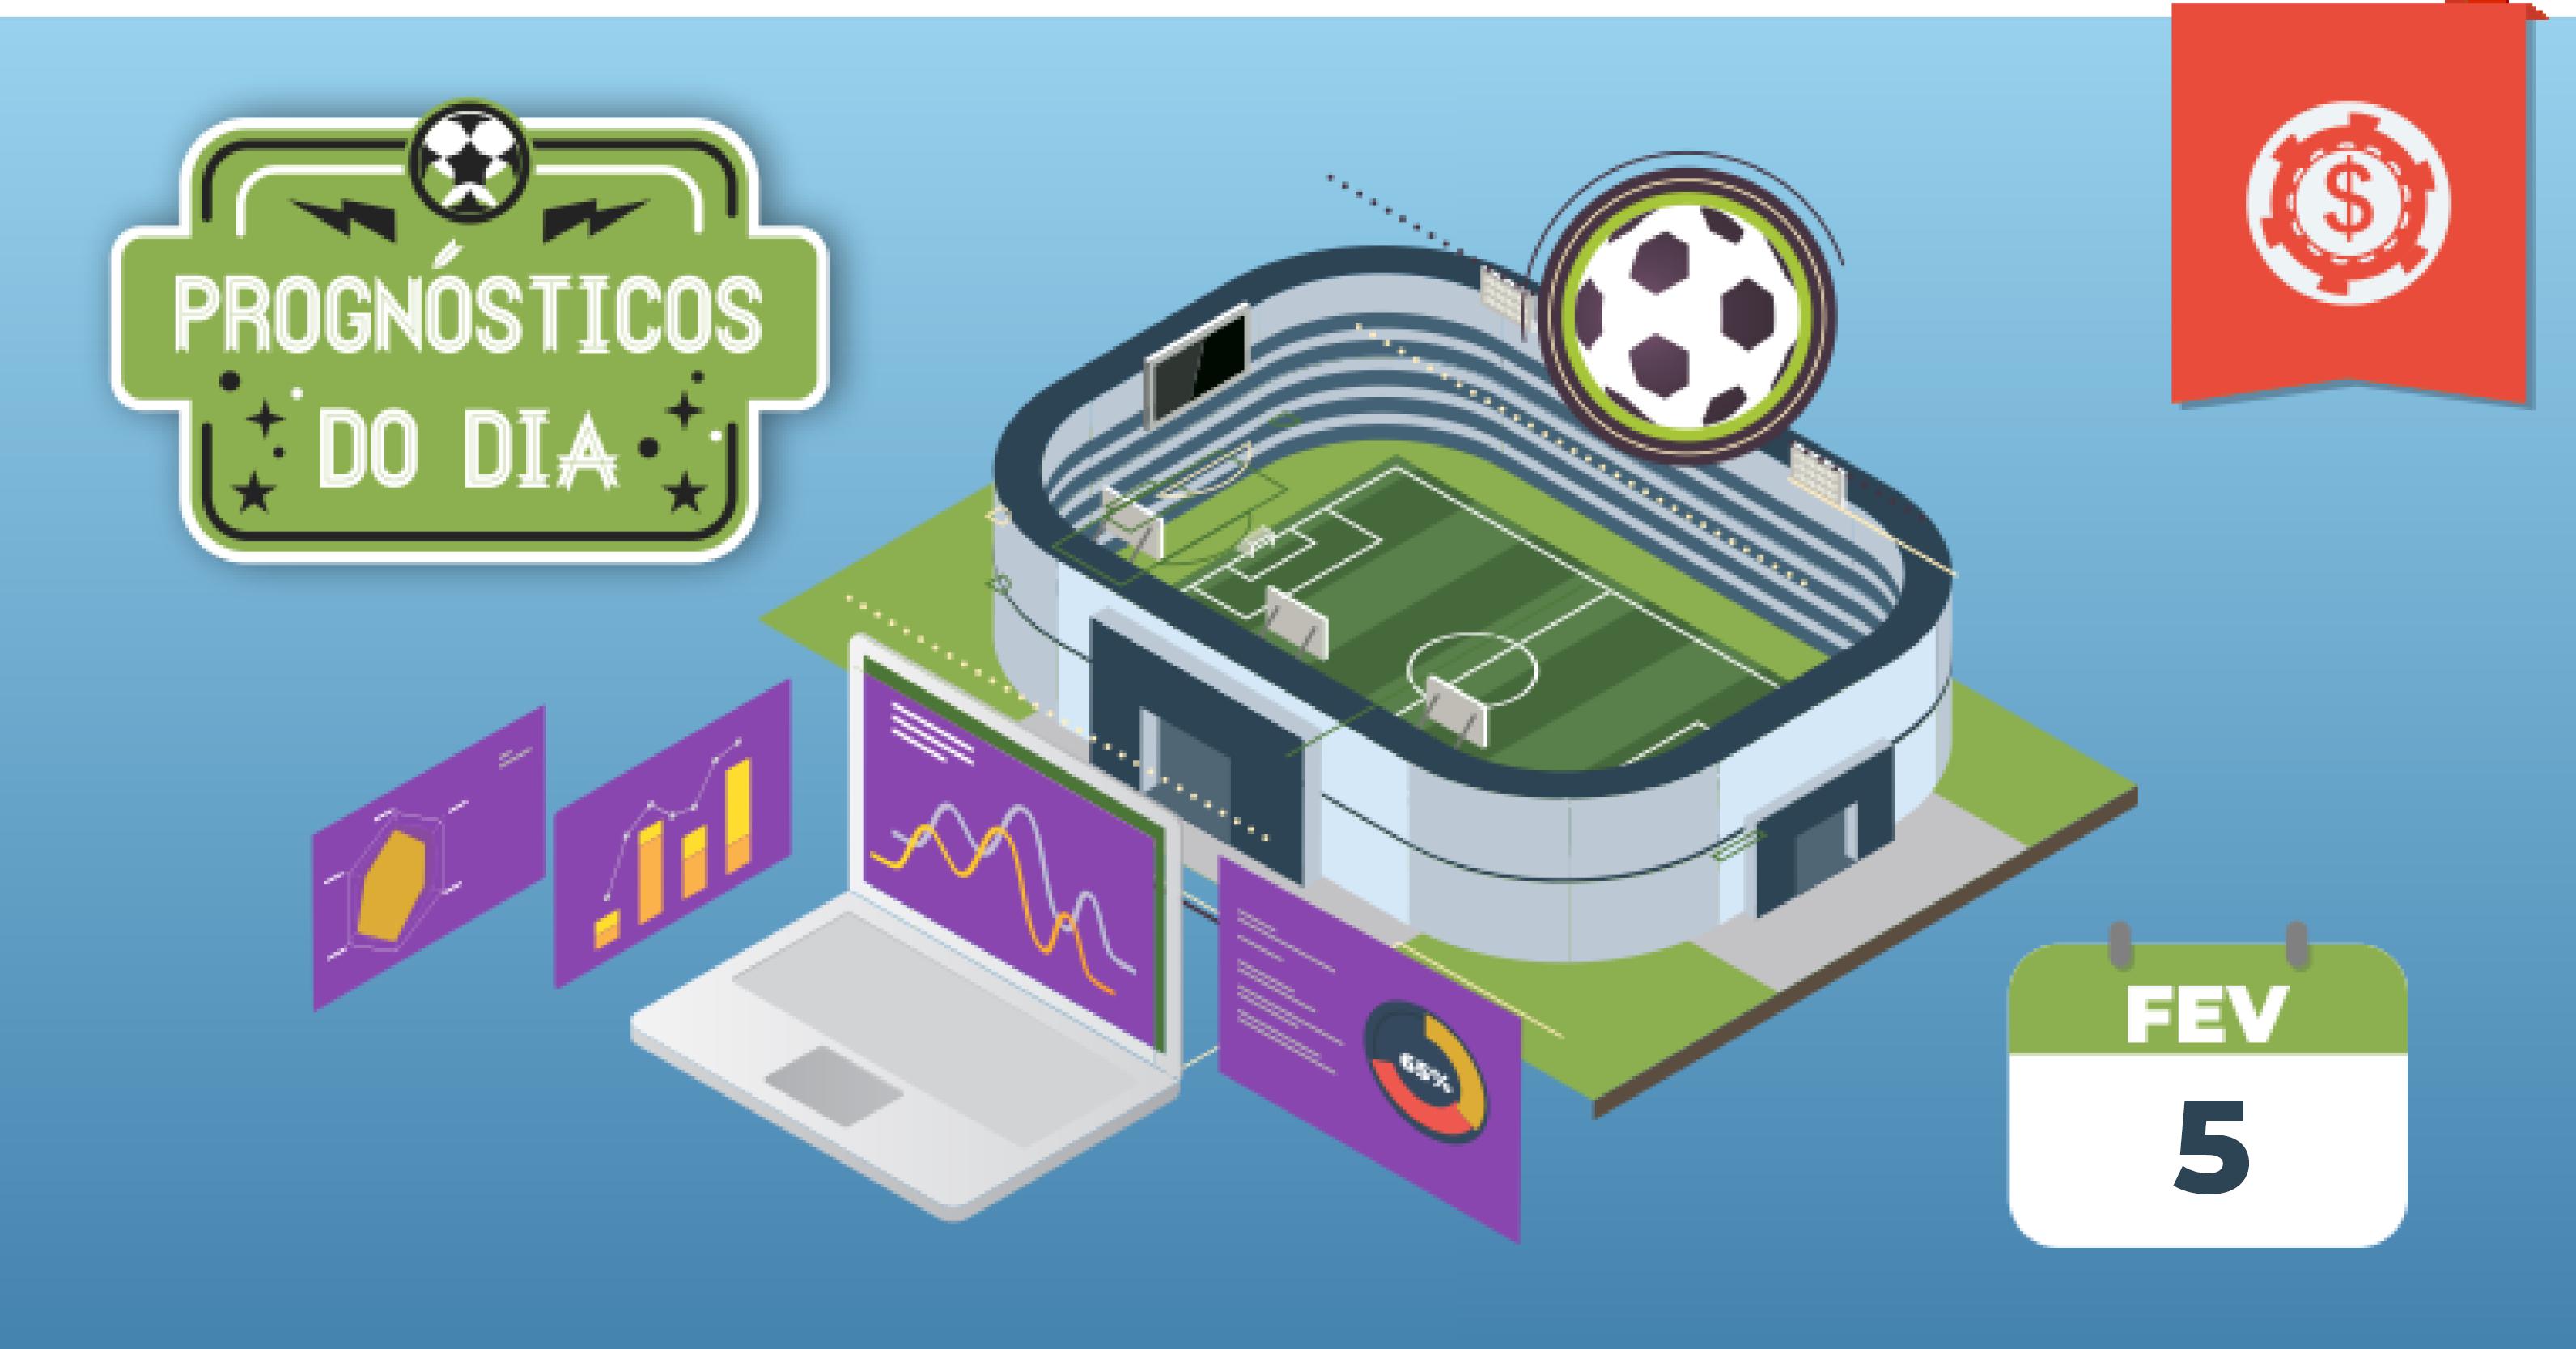 palpites-futebol-hoje-prognosticos-5-fevereiro-2020